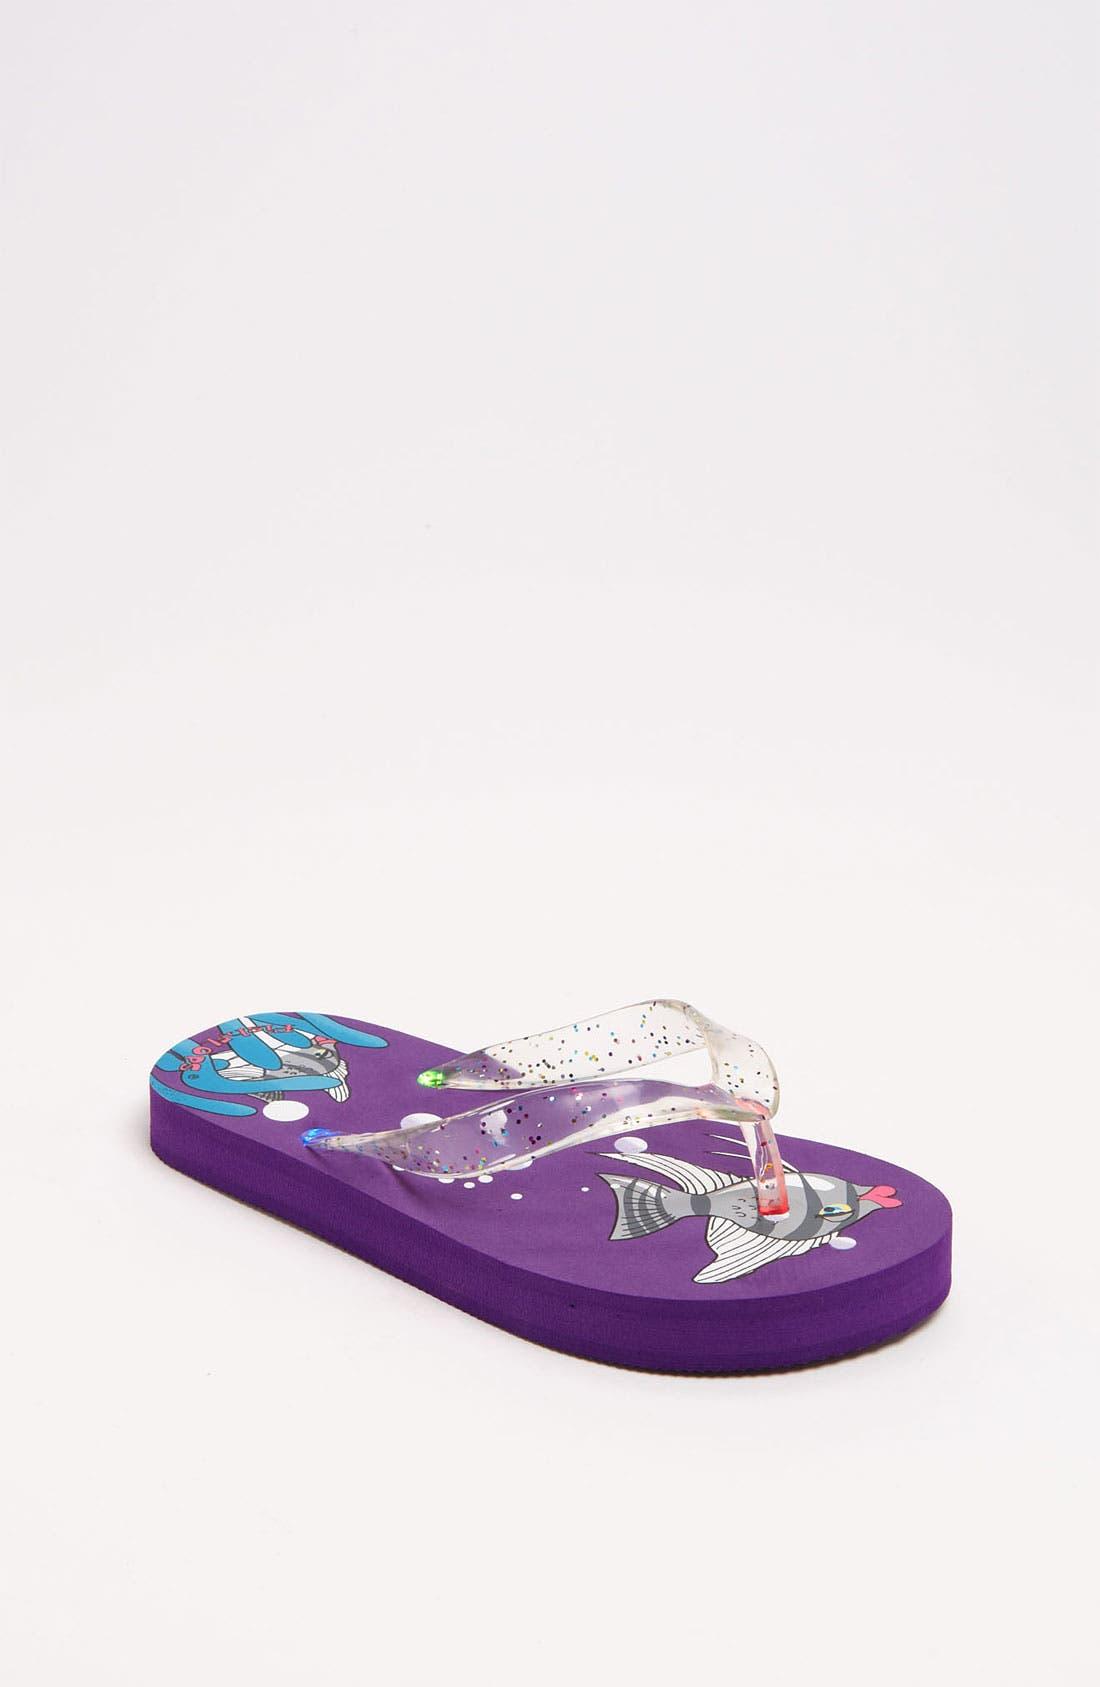 Main Image - Fish Flops 'Angel Fish Lights' Flip Flops (Toddler & Little Kid)